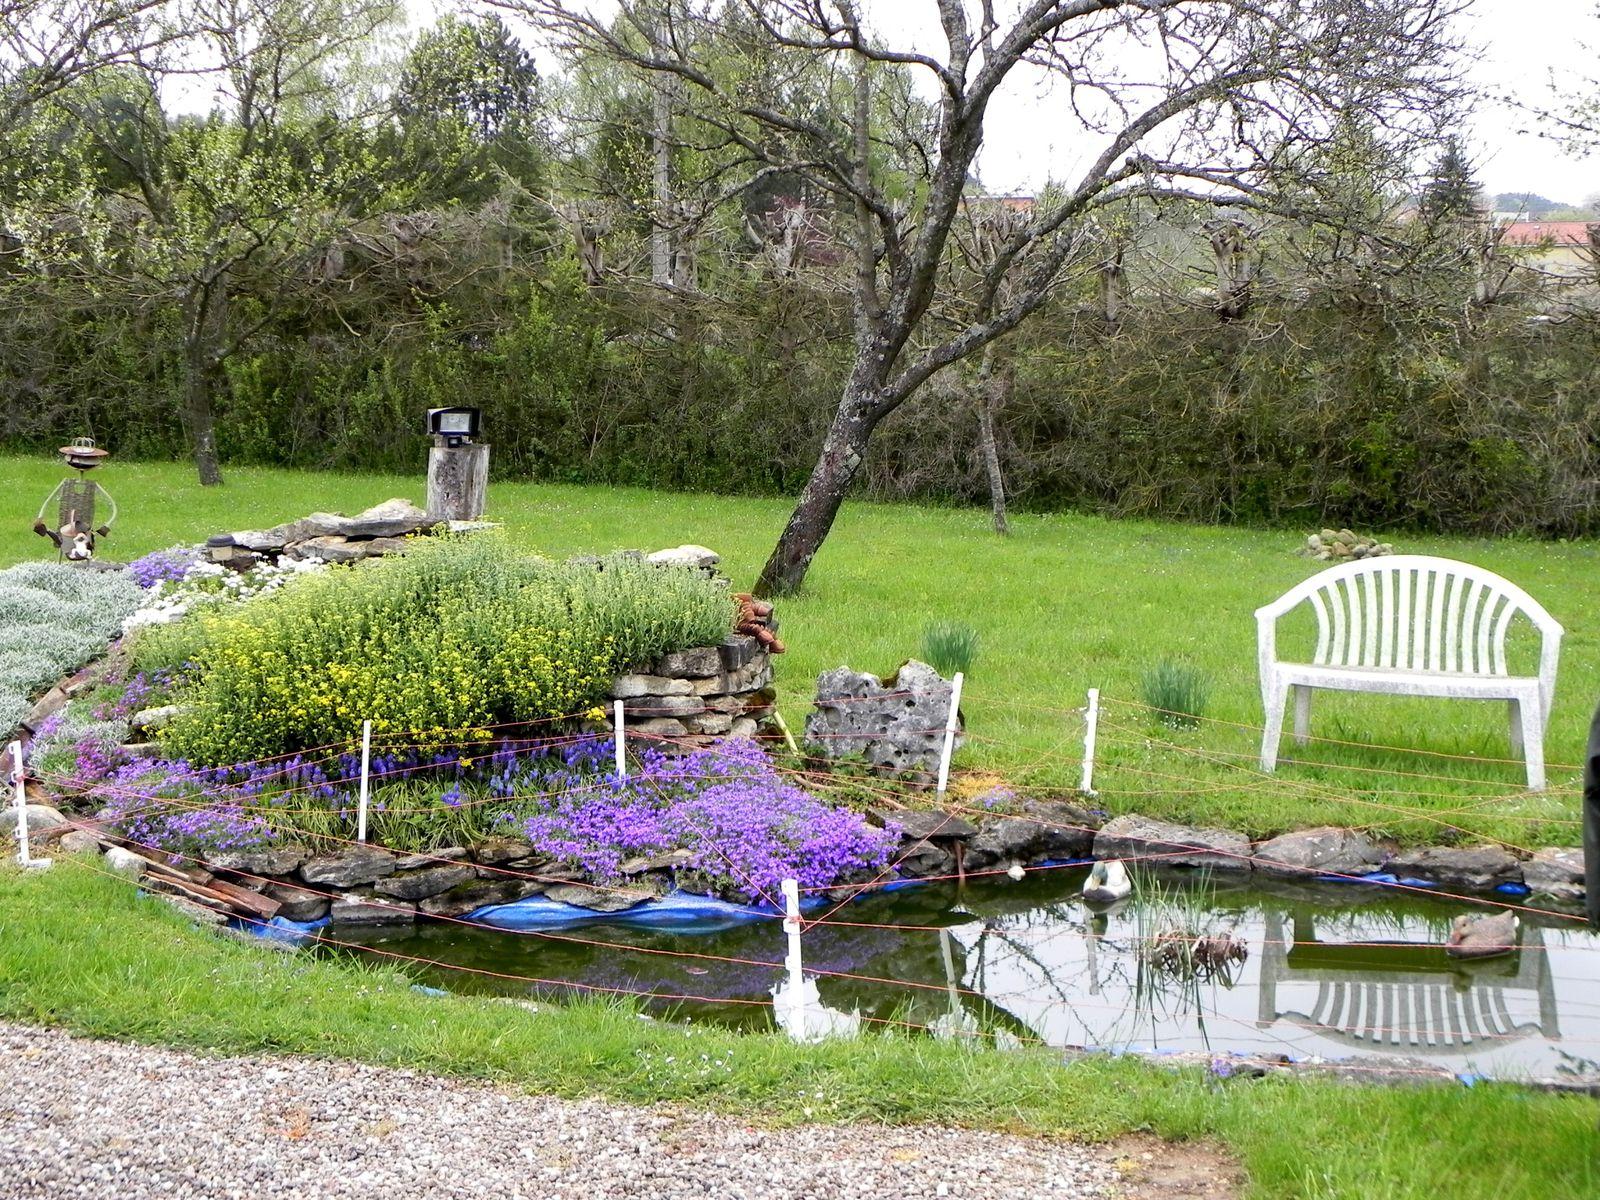 Bassin aménagé par mon cousin à Dompcevrin (avec des poissons rouges)